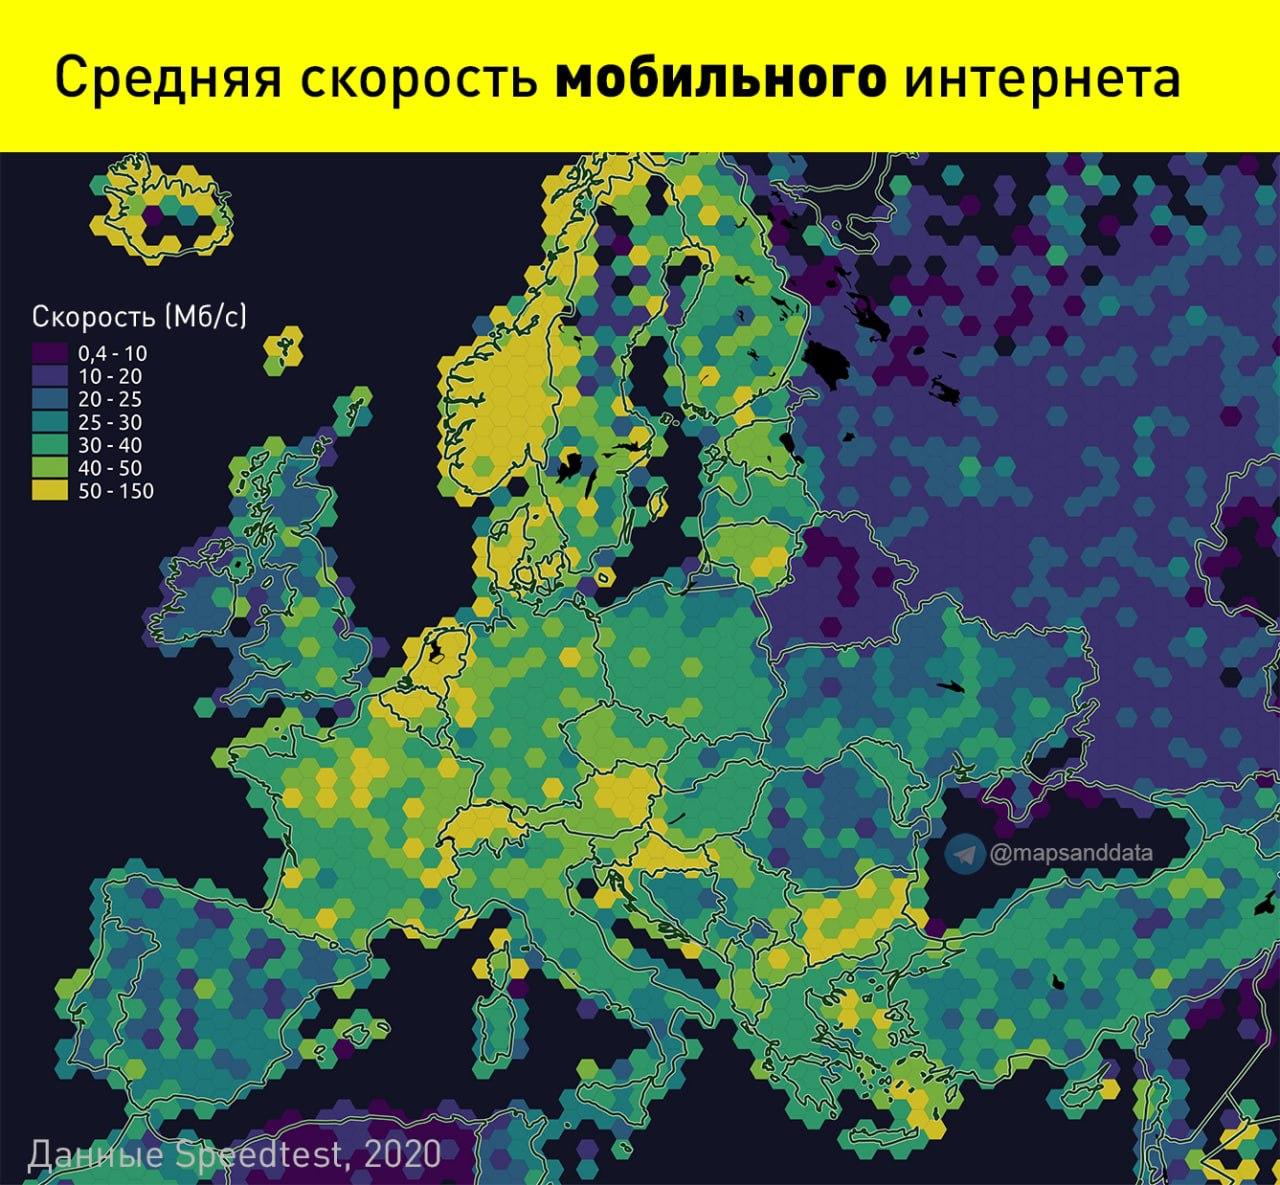 Средняя скорость мобильного интернета, Мб.с